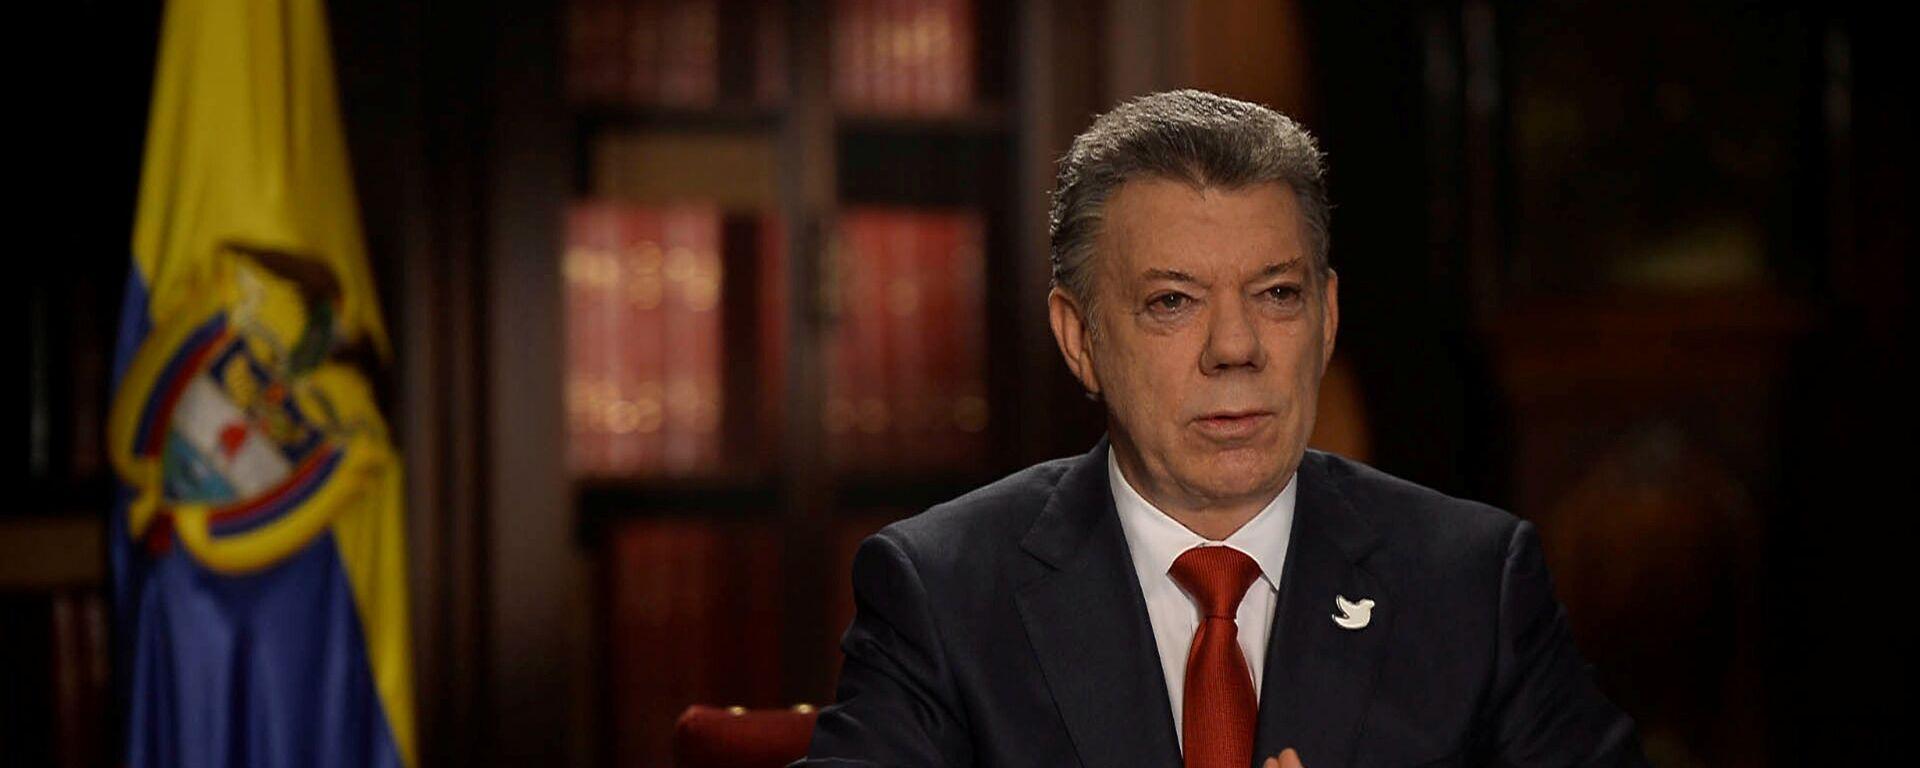 Juan Manuel Santos, presidente de Colombia - Sputnik Mundo, 1920, 12.02.2021